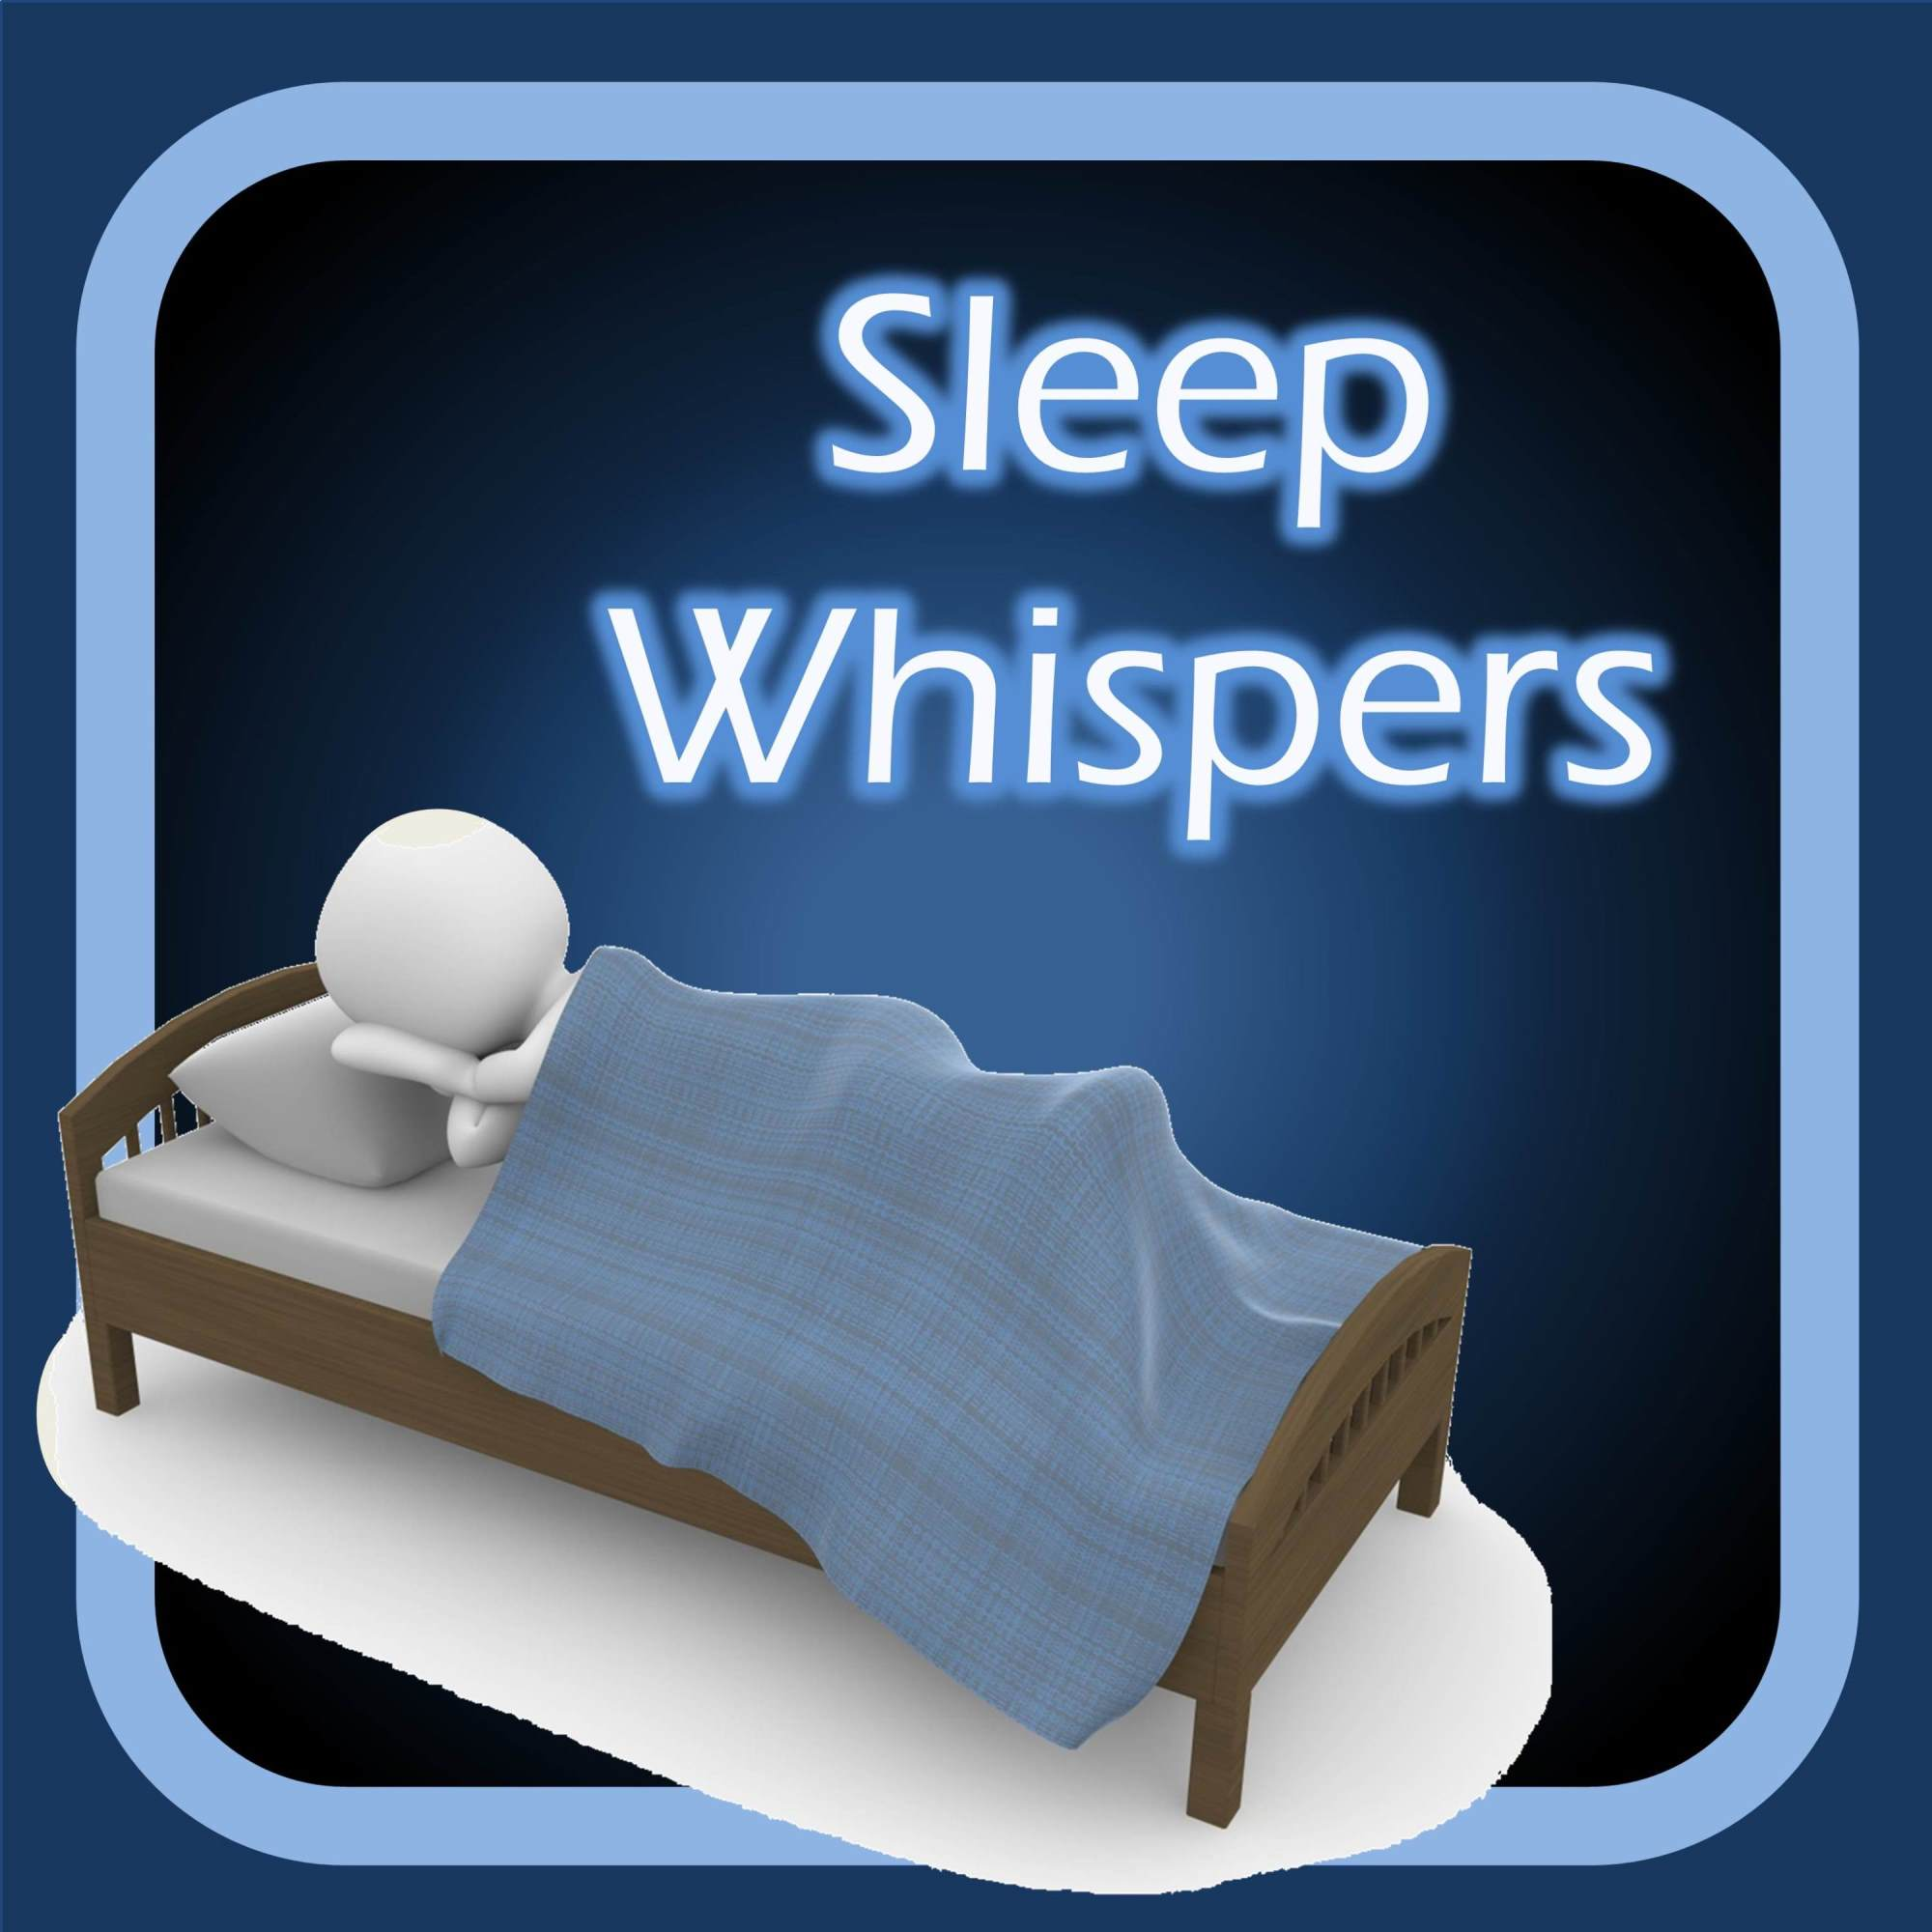 sleepwhisp2-jpg-2000